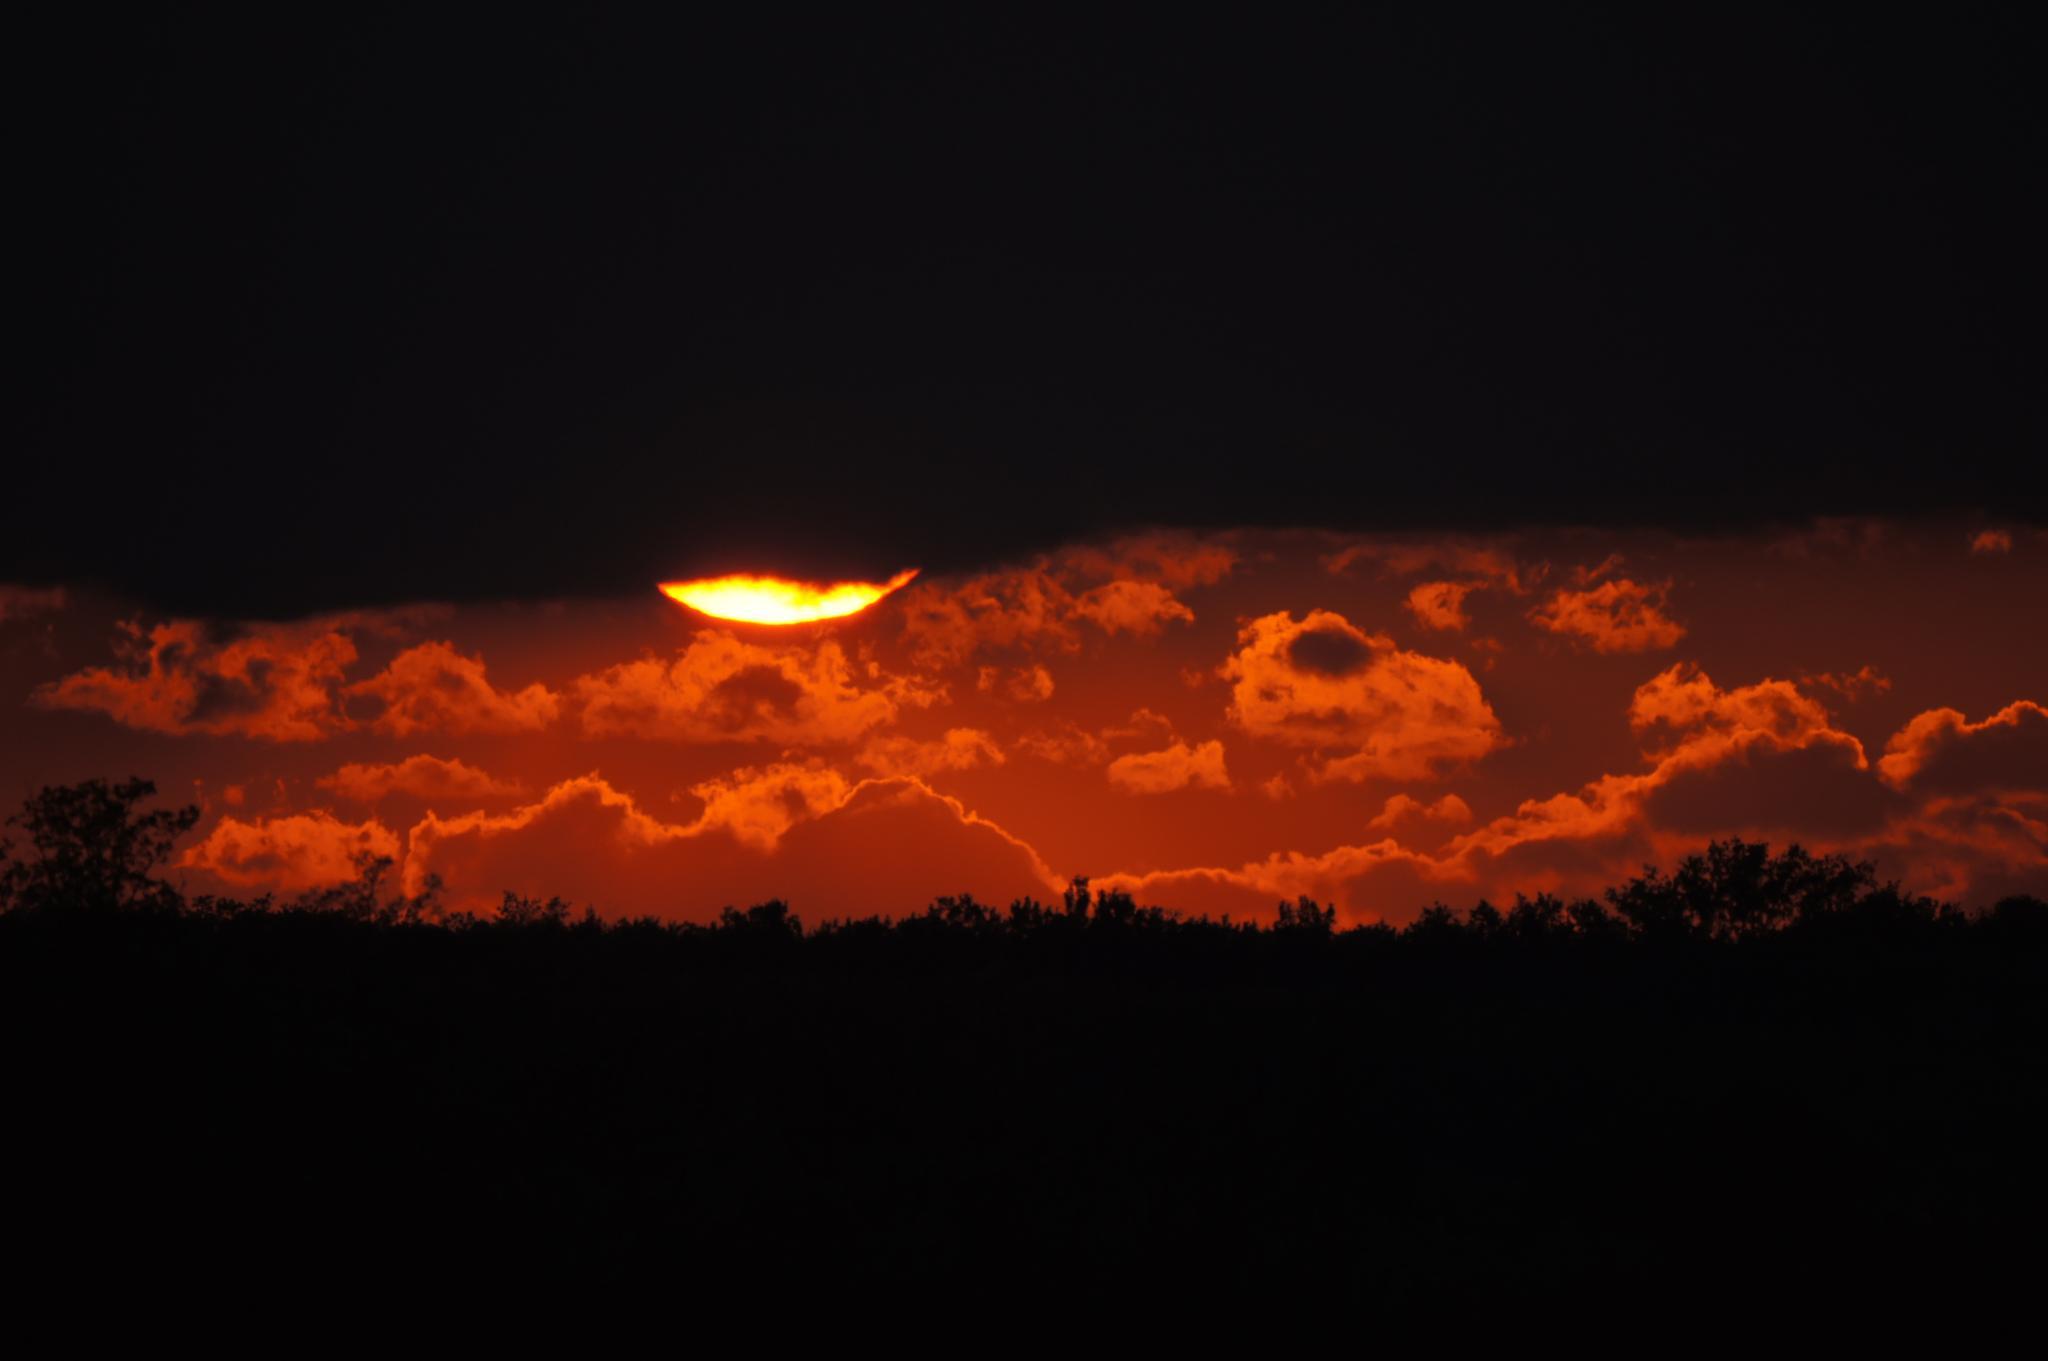 sunset by hunyadigeza